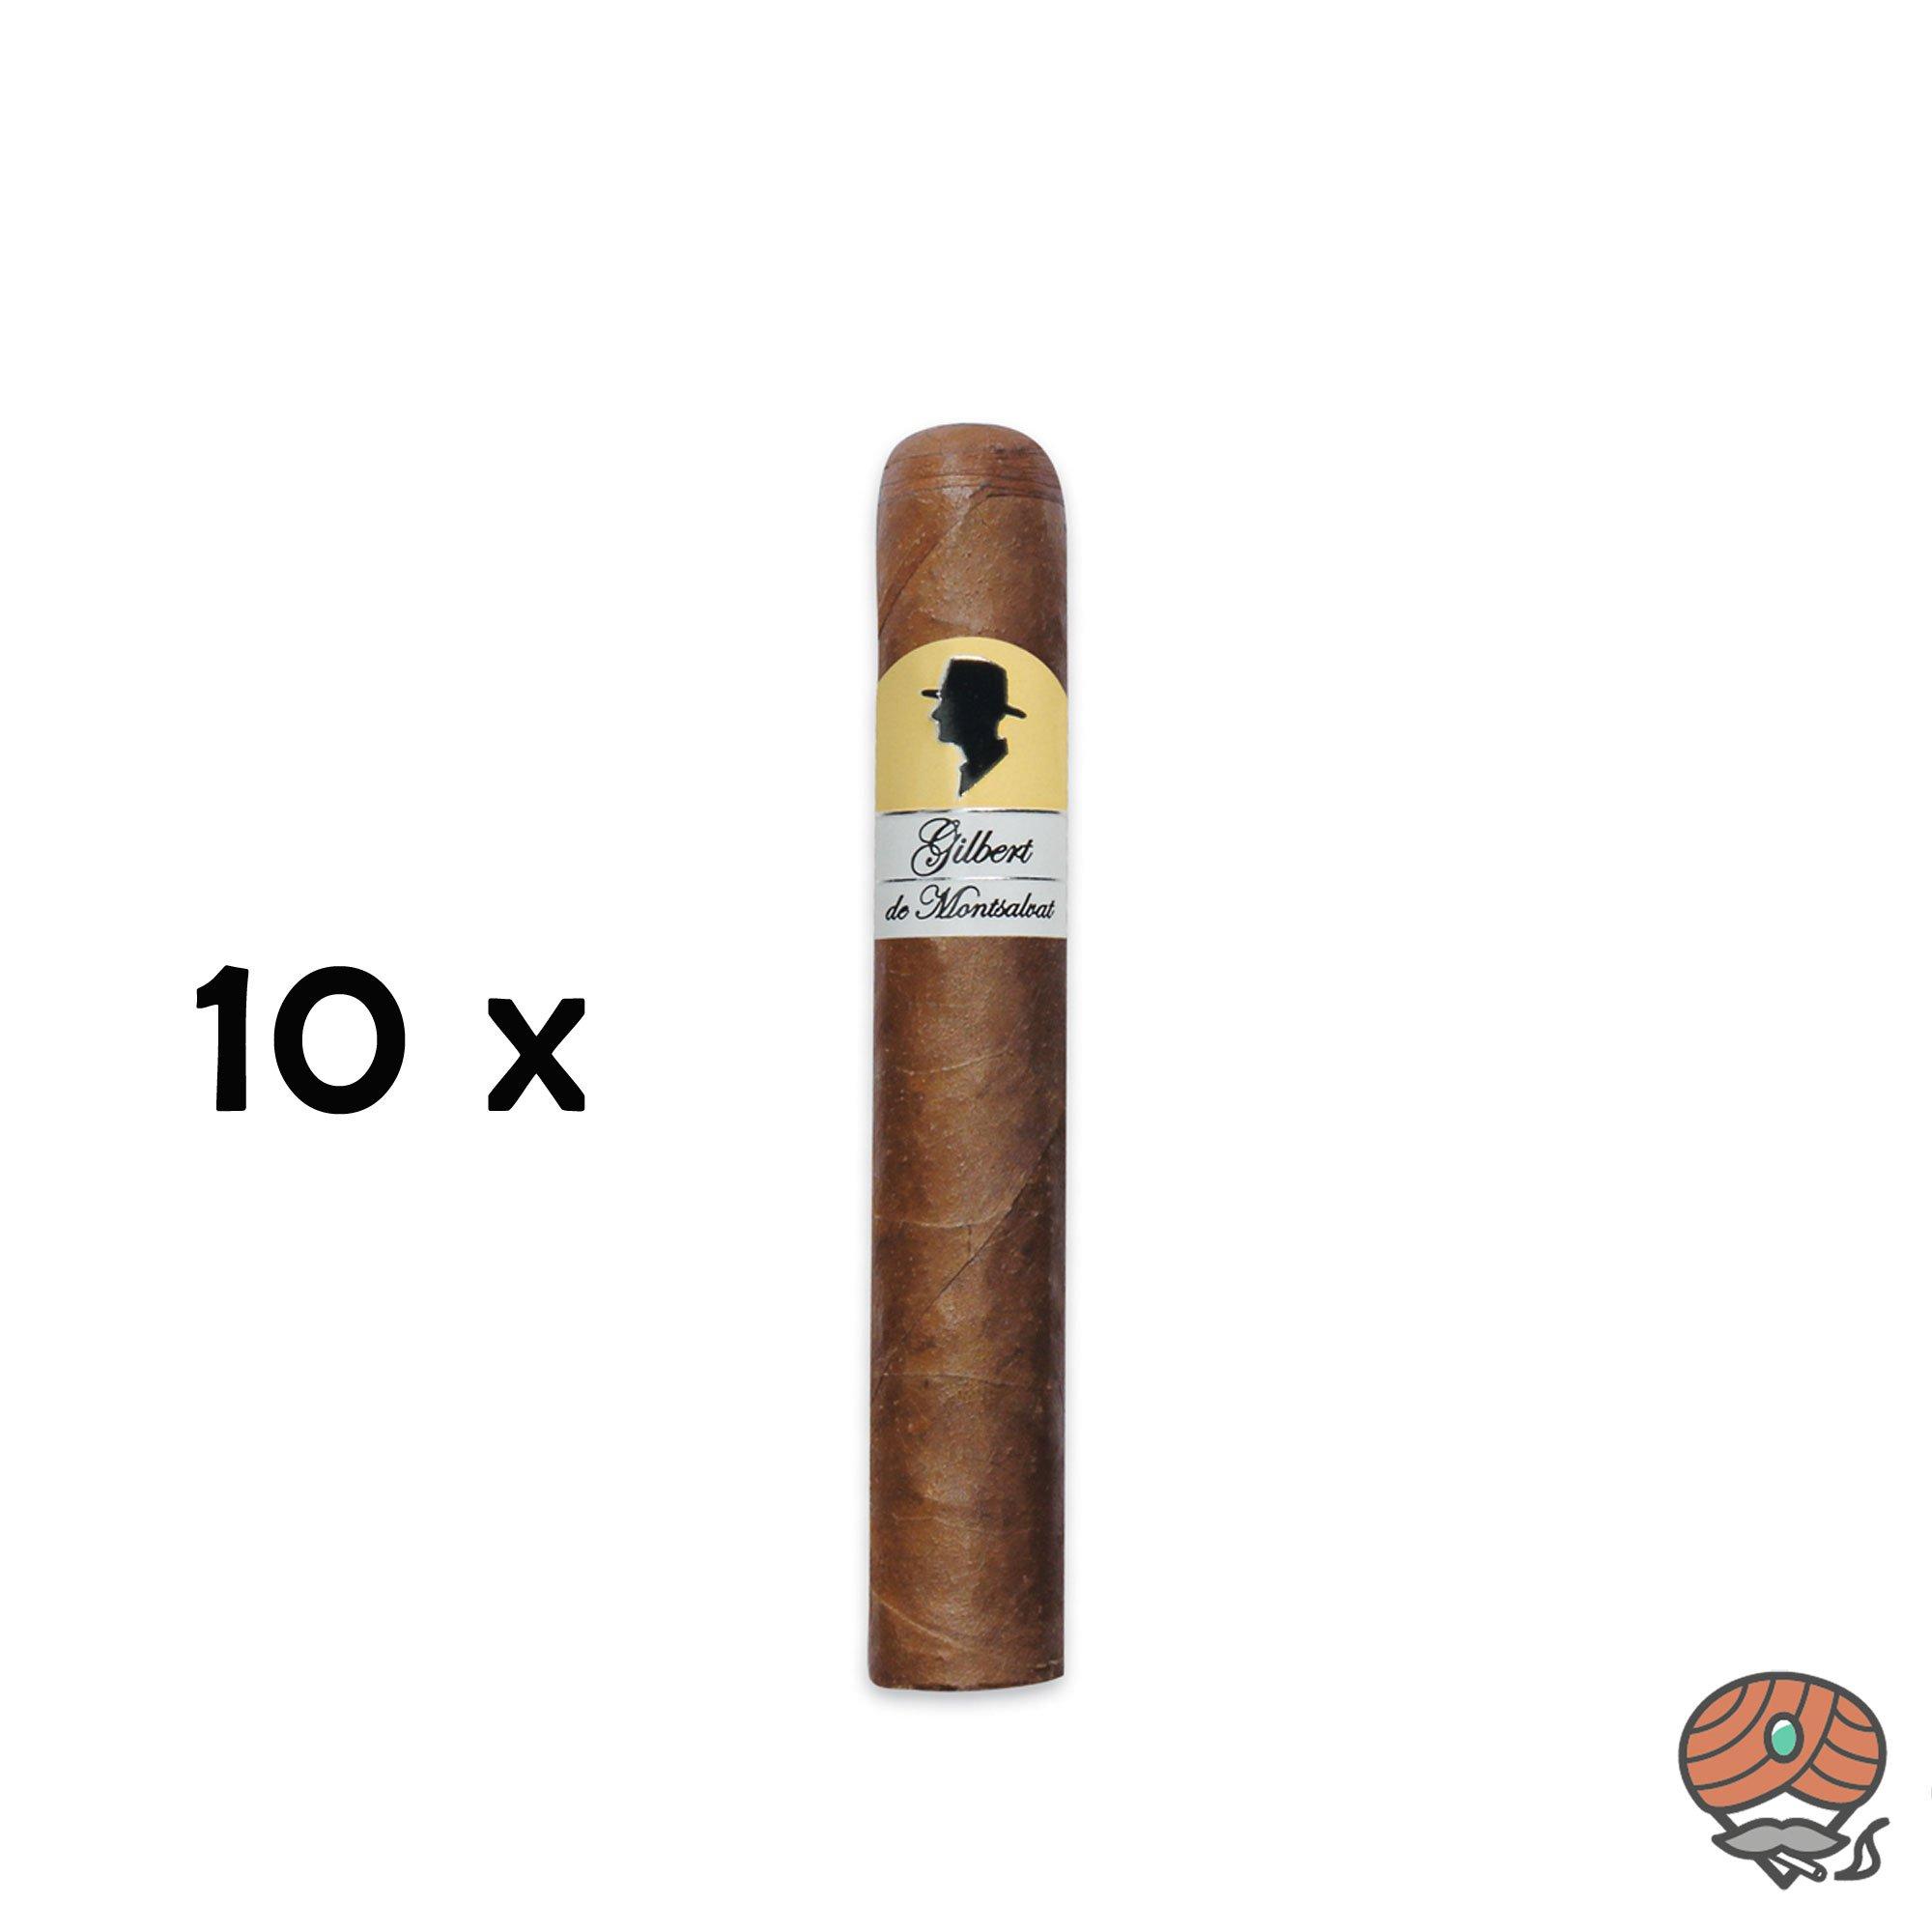 Gilbert de Montsalvat Robusto Zigarre Revolution Style 10er Kiste